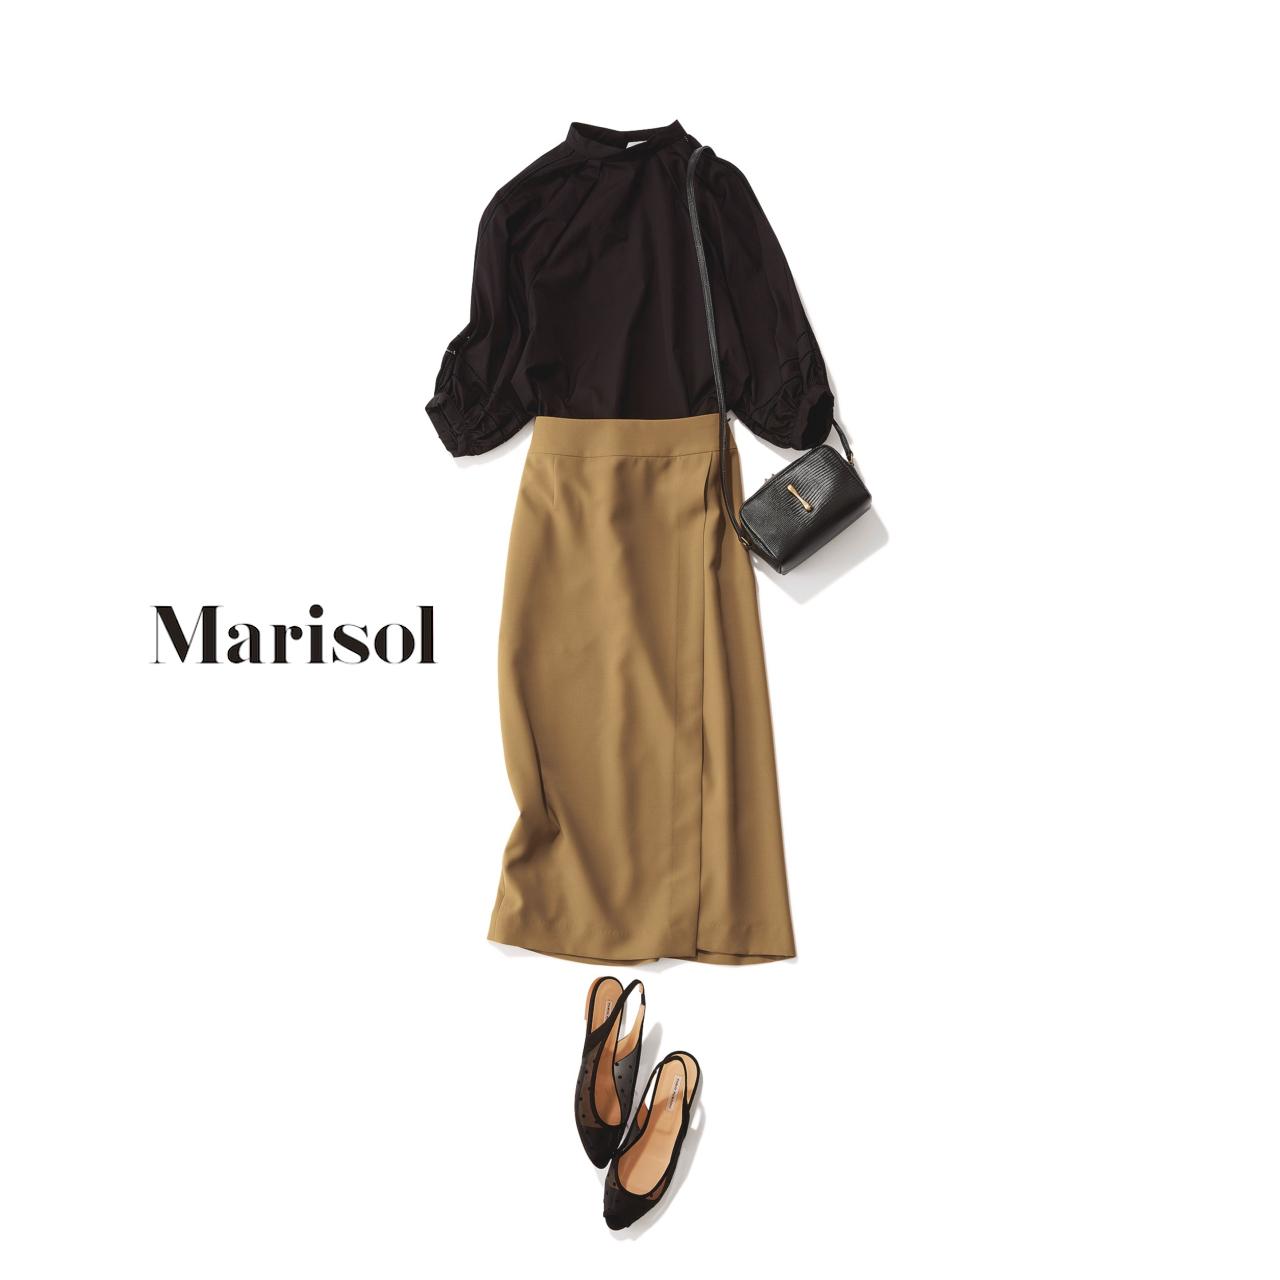 40代ファッション ブラウス×キャメルスカートコーデ